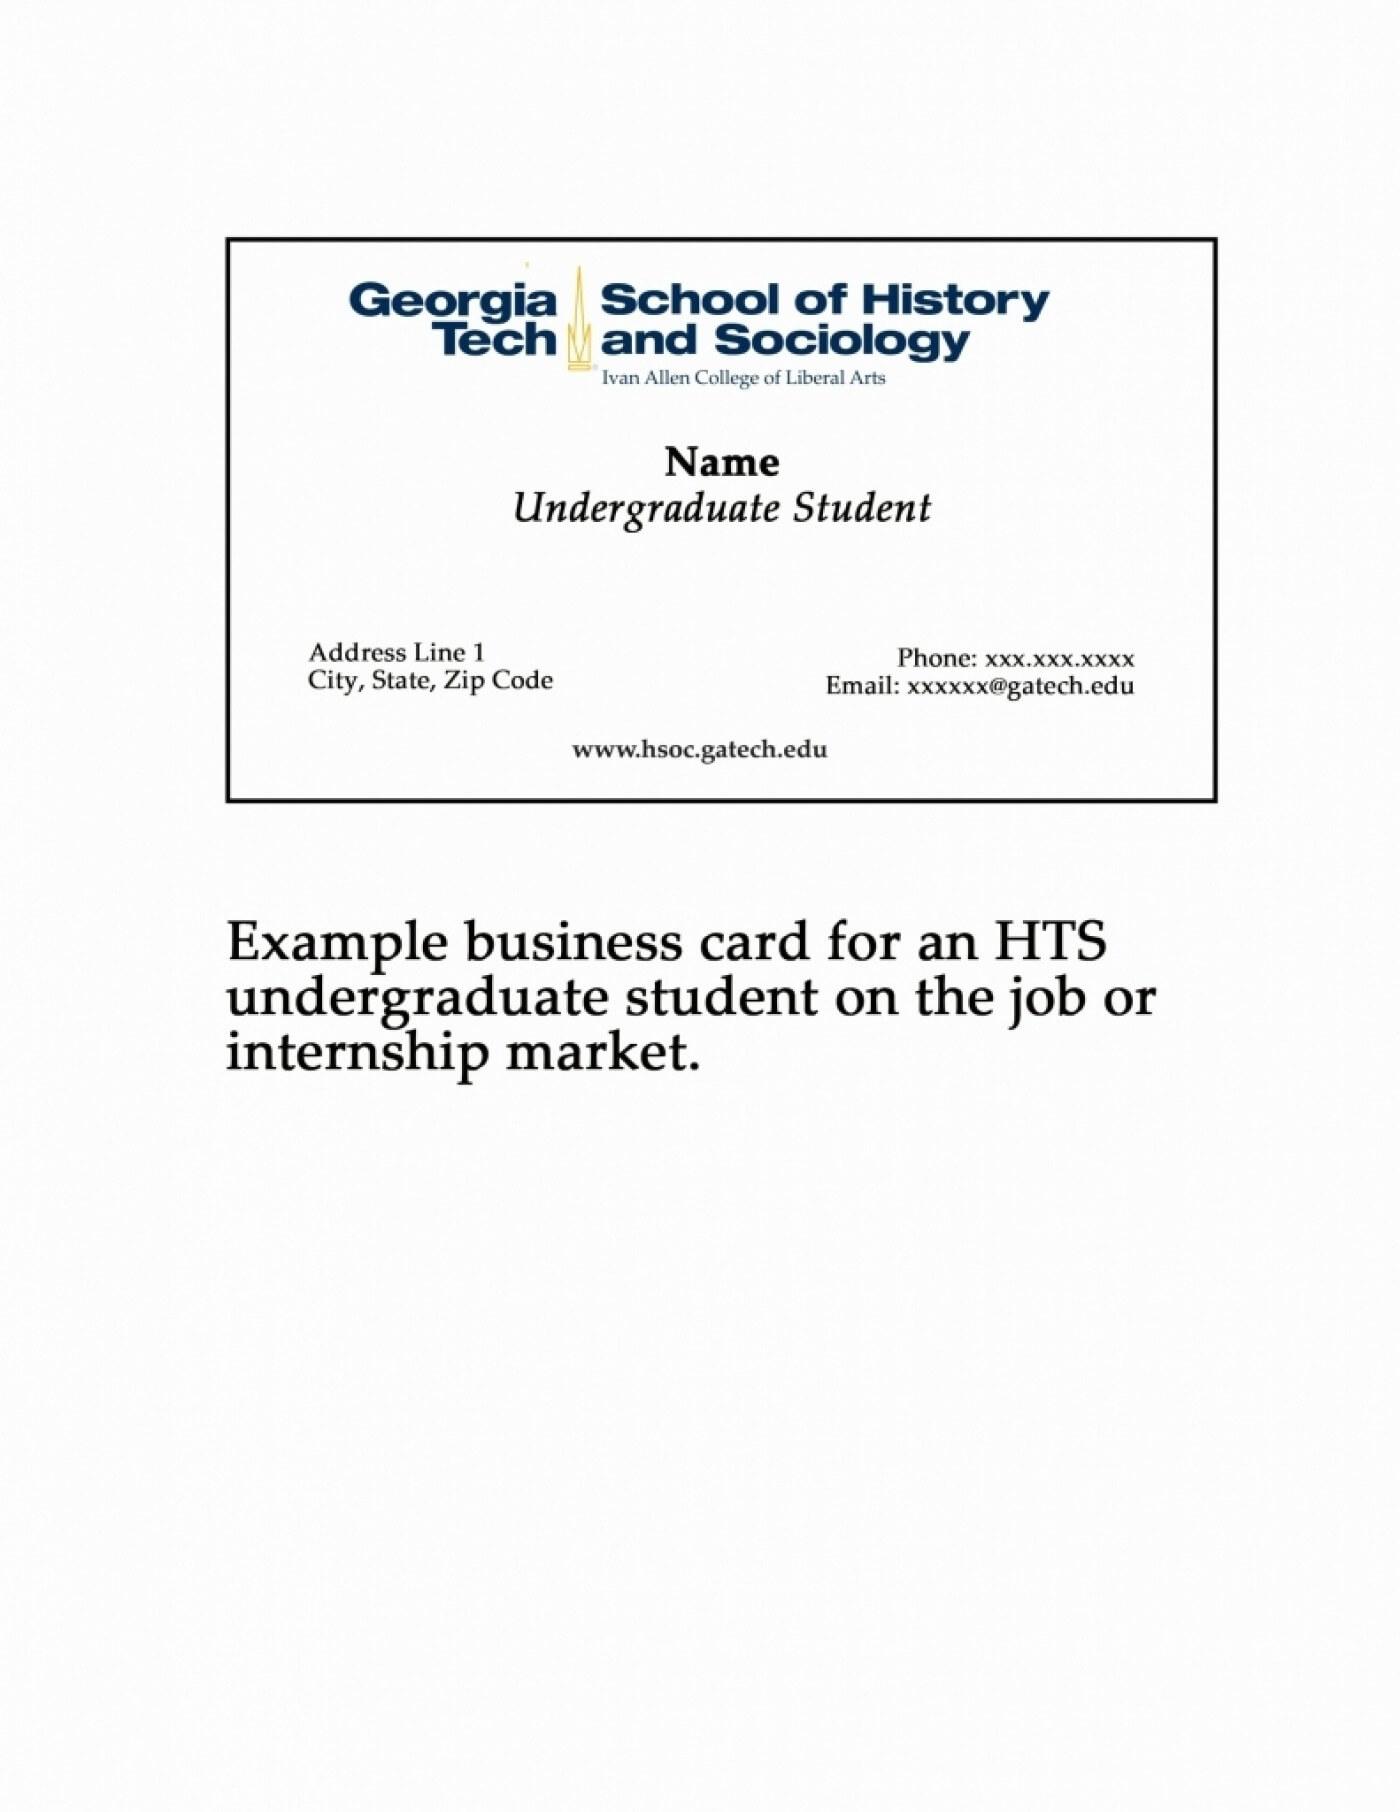 010 Template Ideas Graduate Student Business Card Example Within Graduate Student Business Cards Template